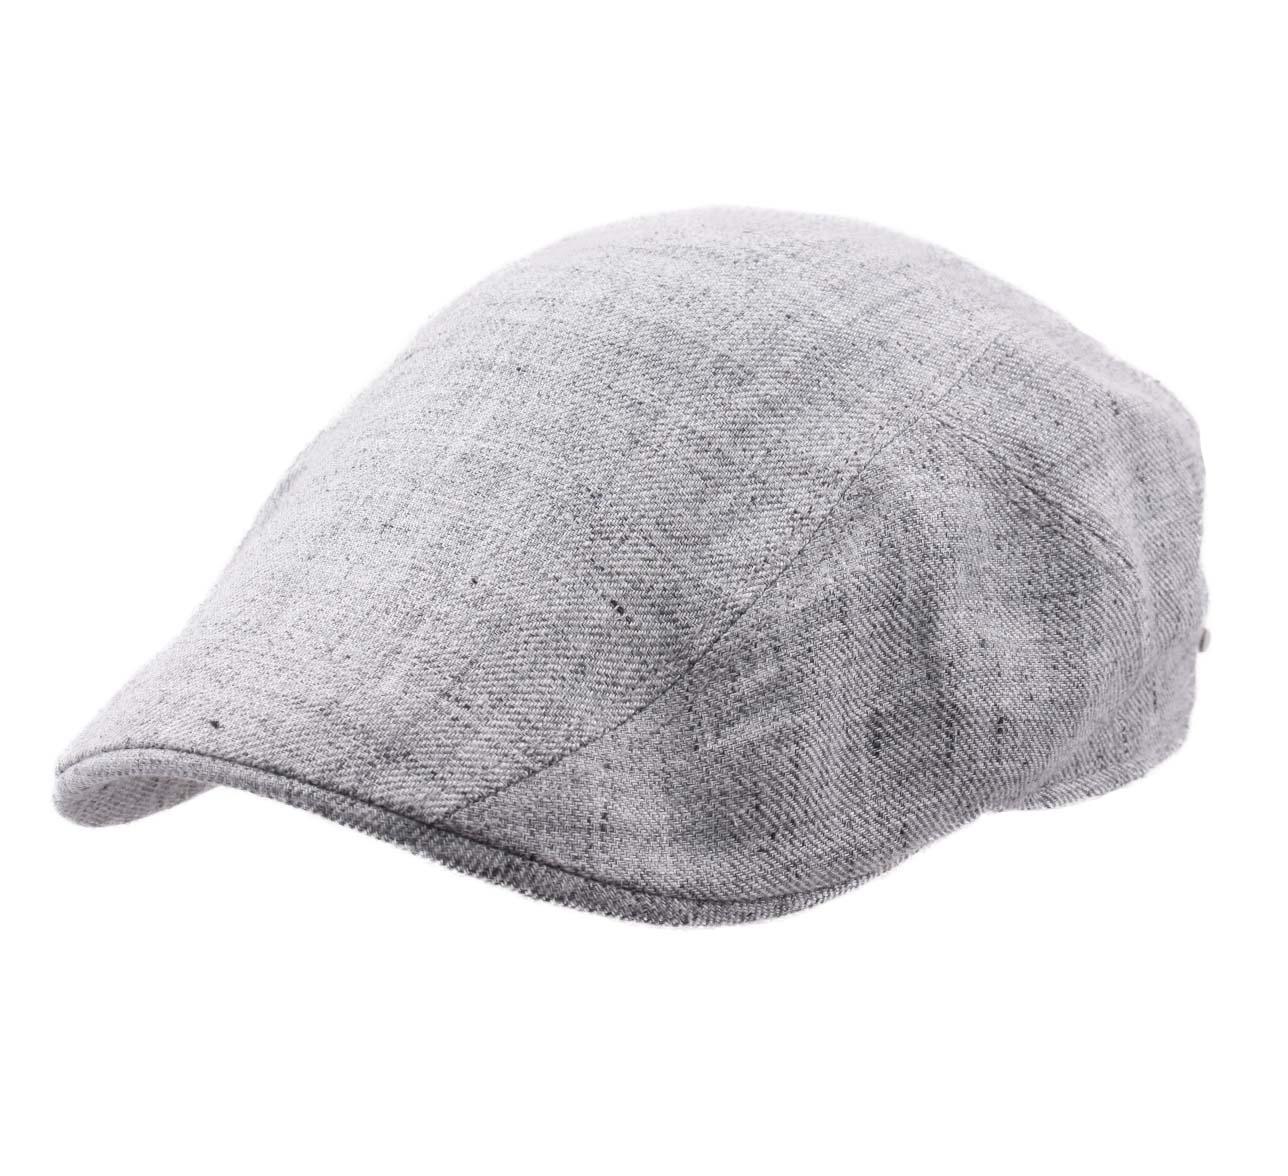 d040c1828a6 Ivy Cap Linen - Caps